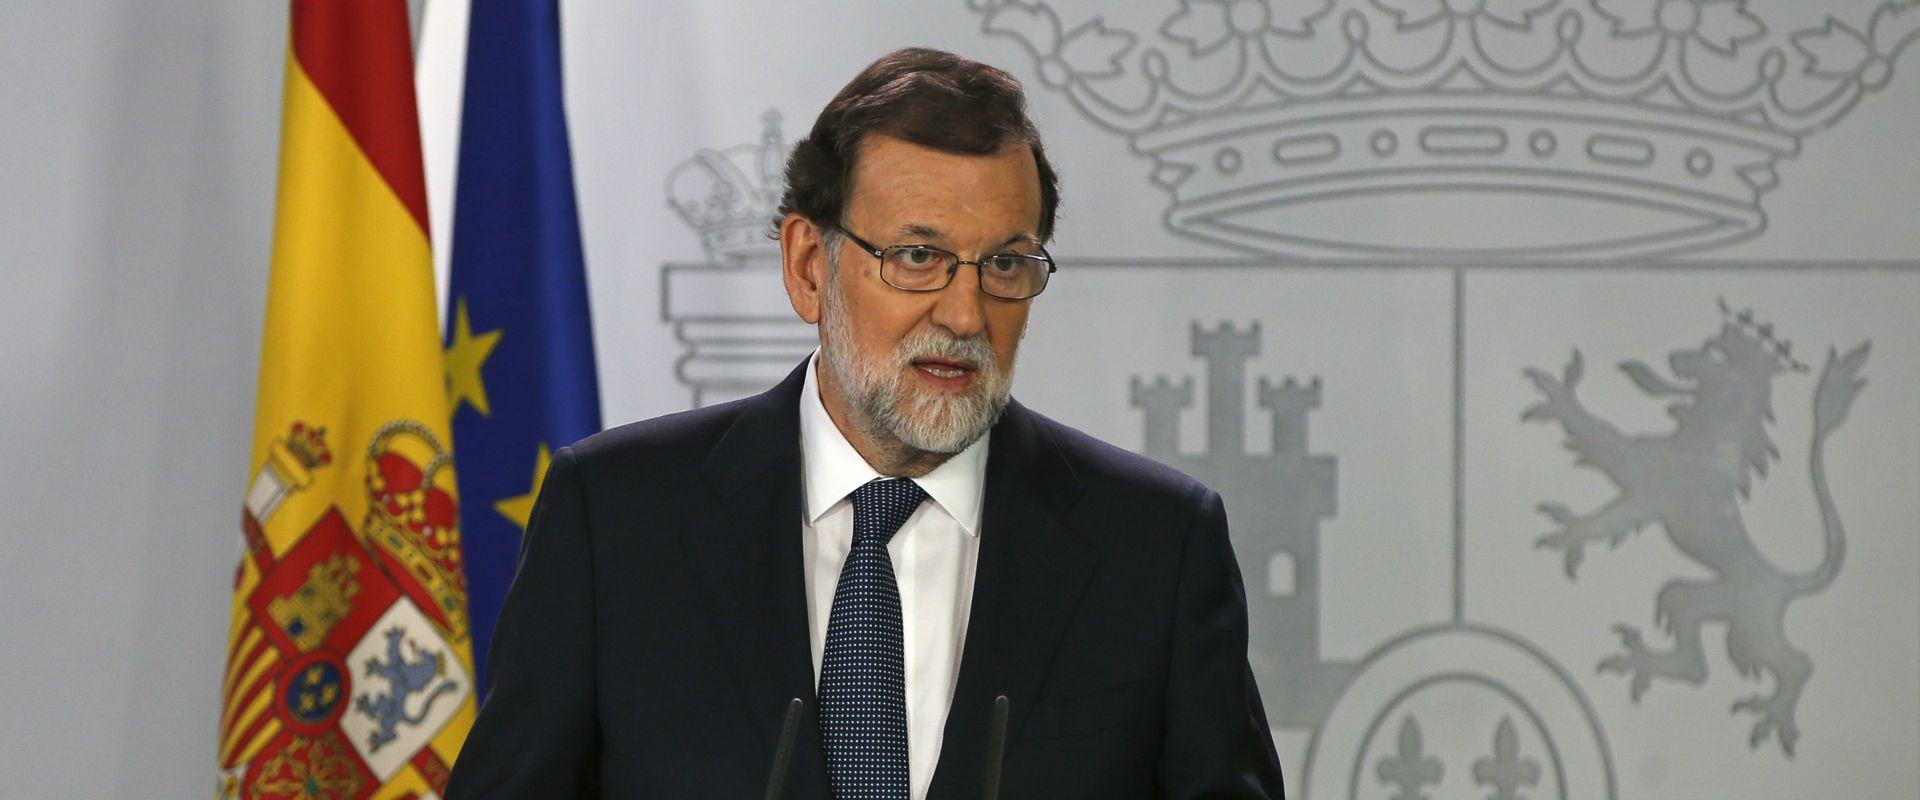 ראש ממשלת ספרד, היום